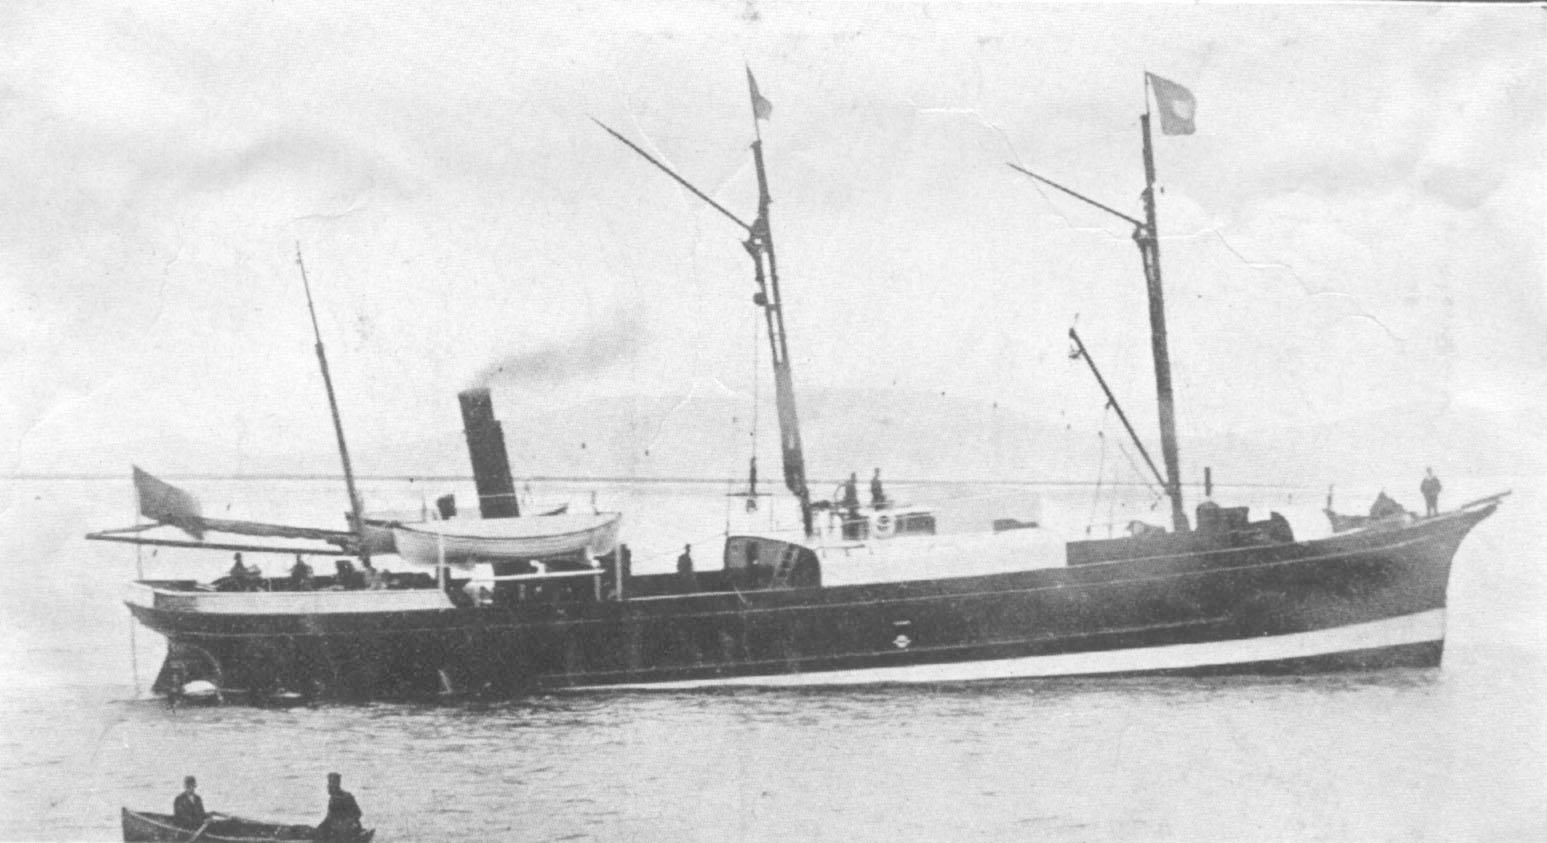 1862 general cargo vessel under way.